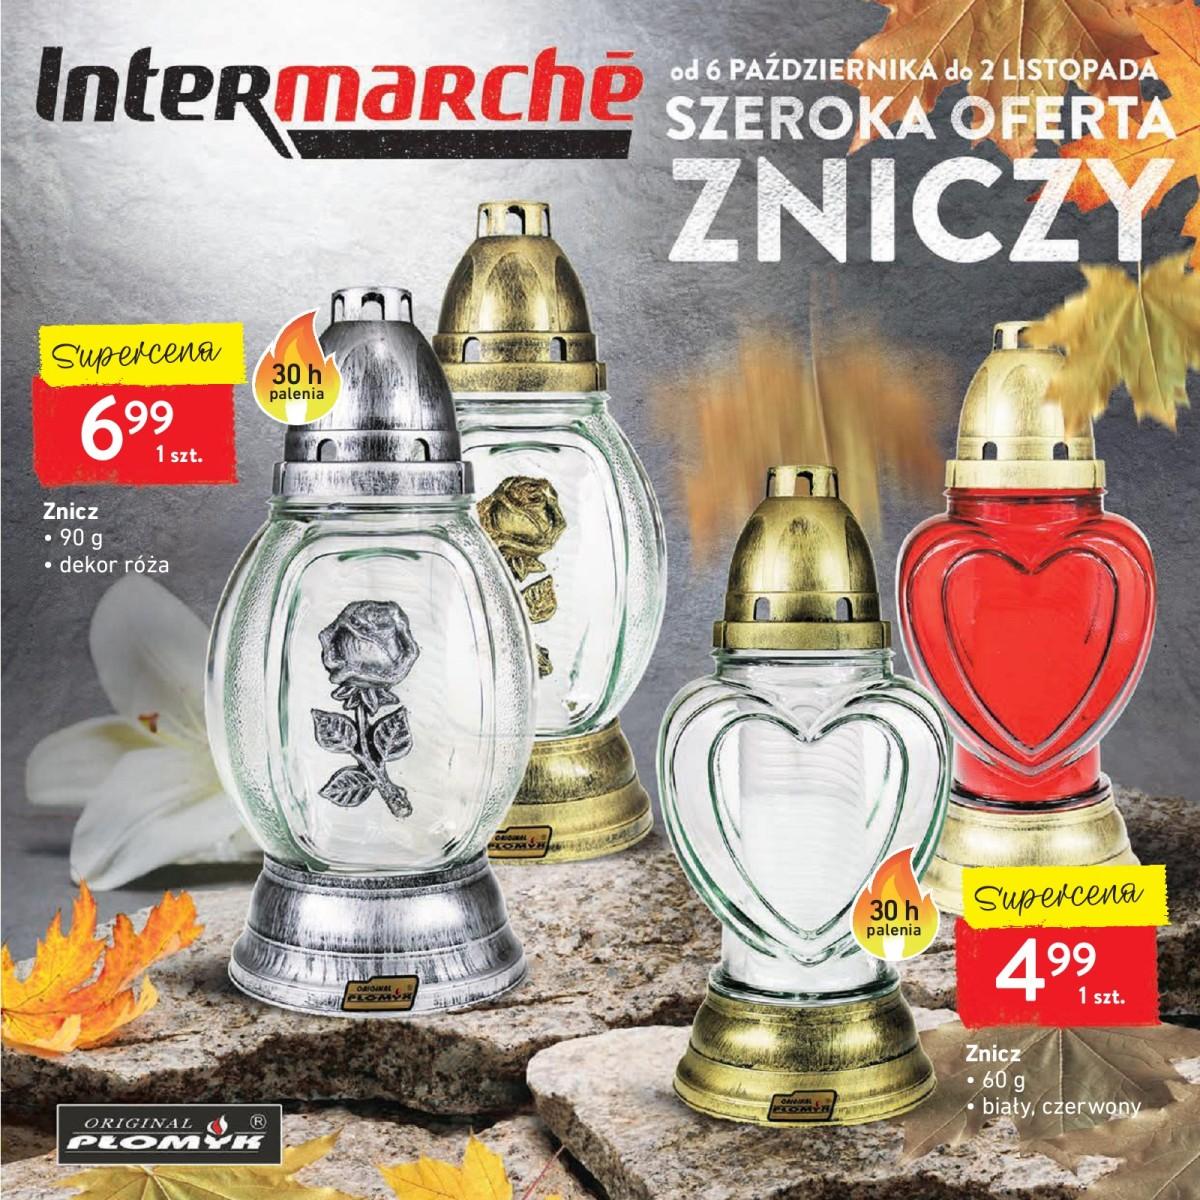 Gazetka Intermarche - Szeroka oferta zniczy